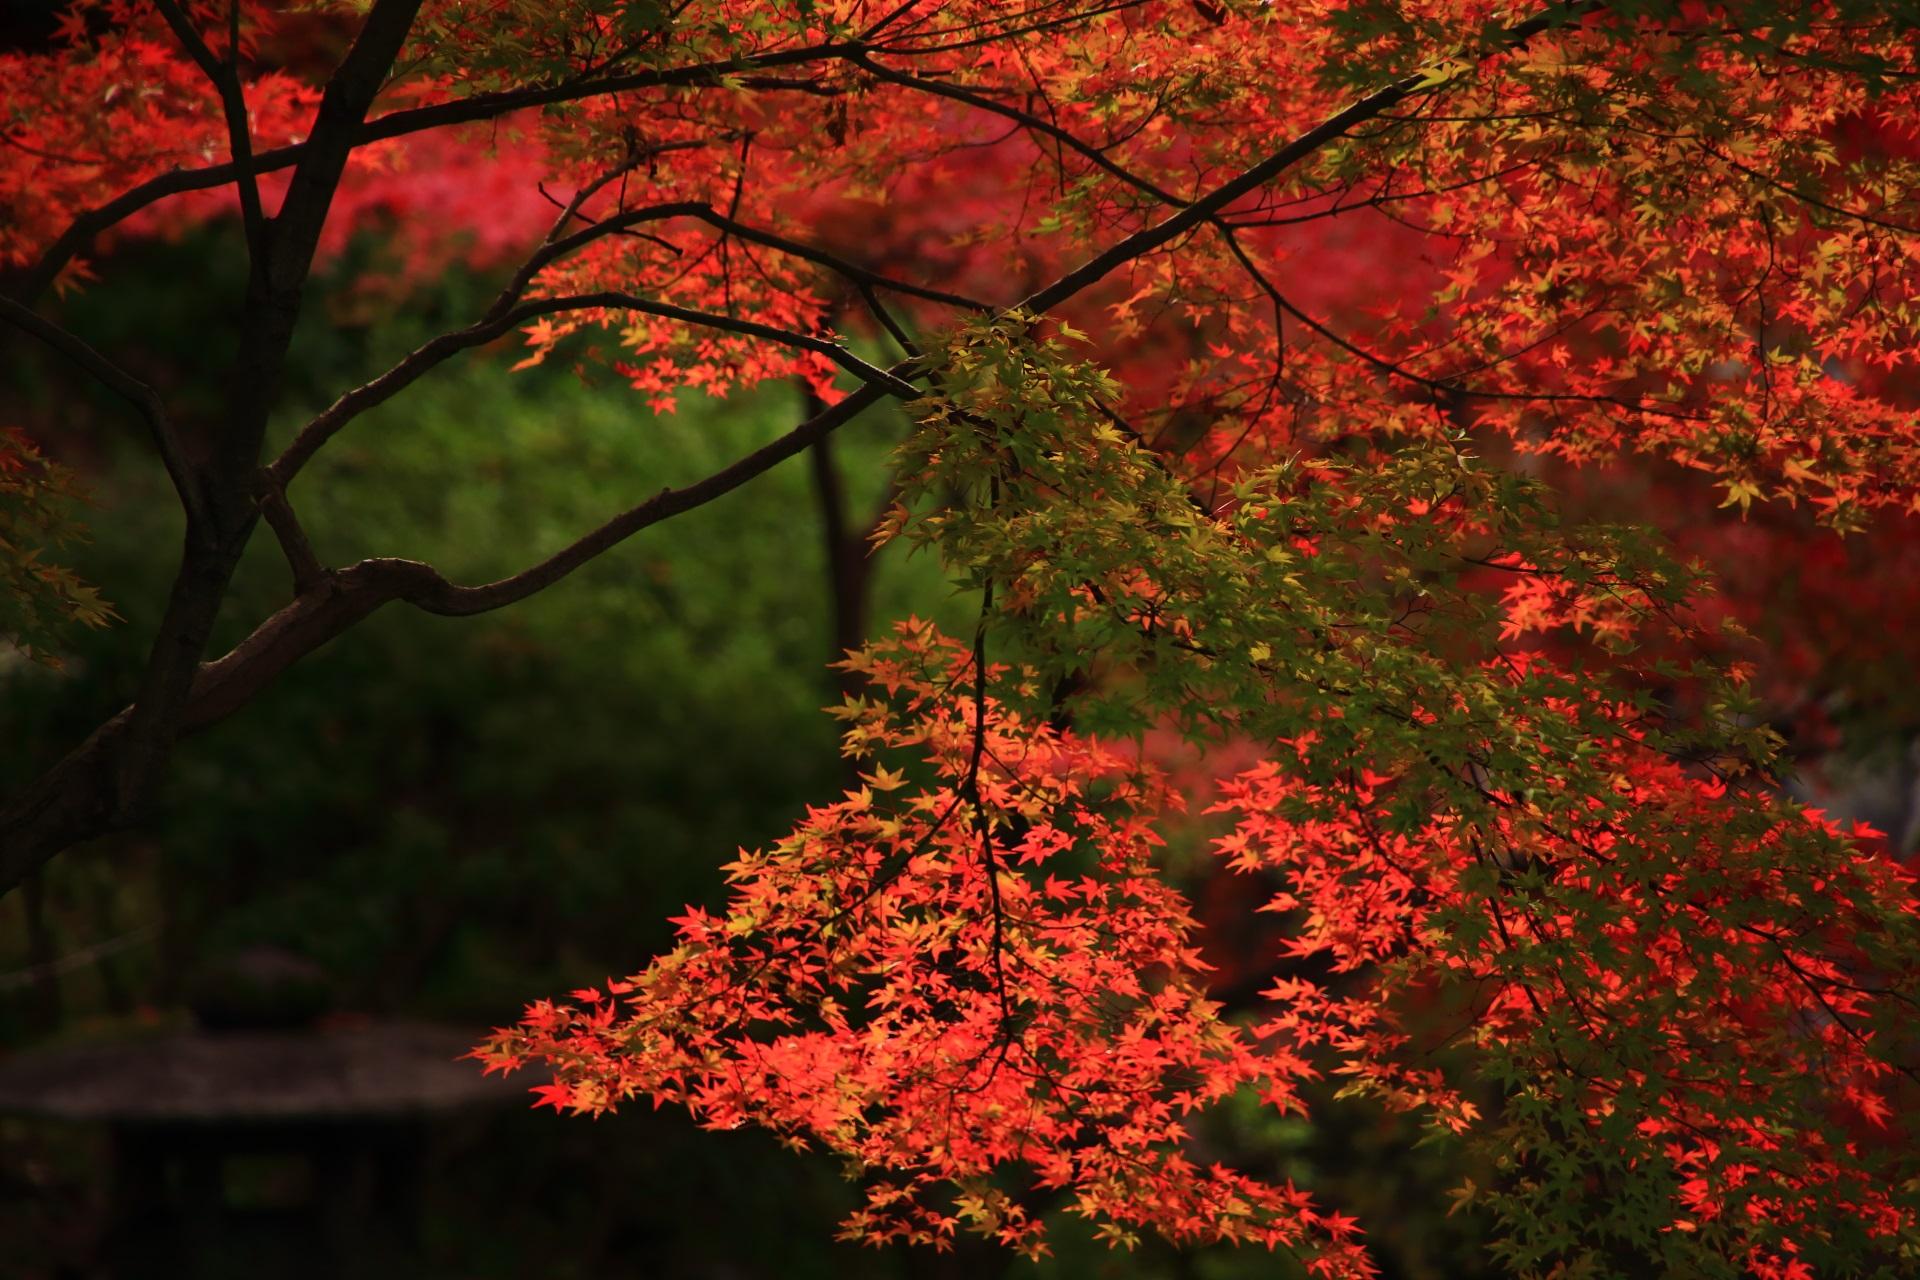 大谷本廟の皓月池の上で華やかに煌く紅葉